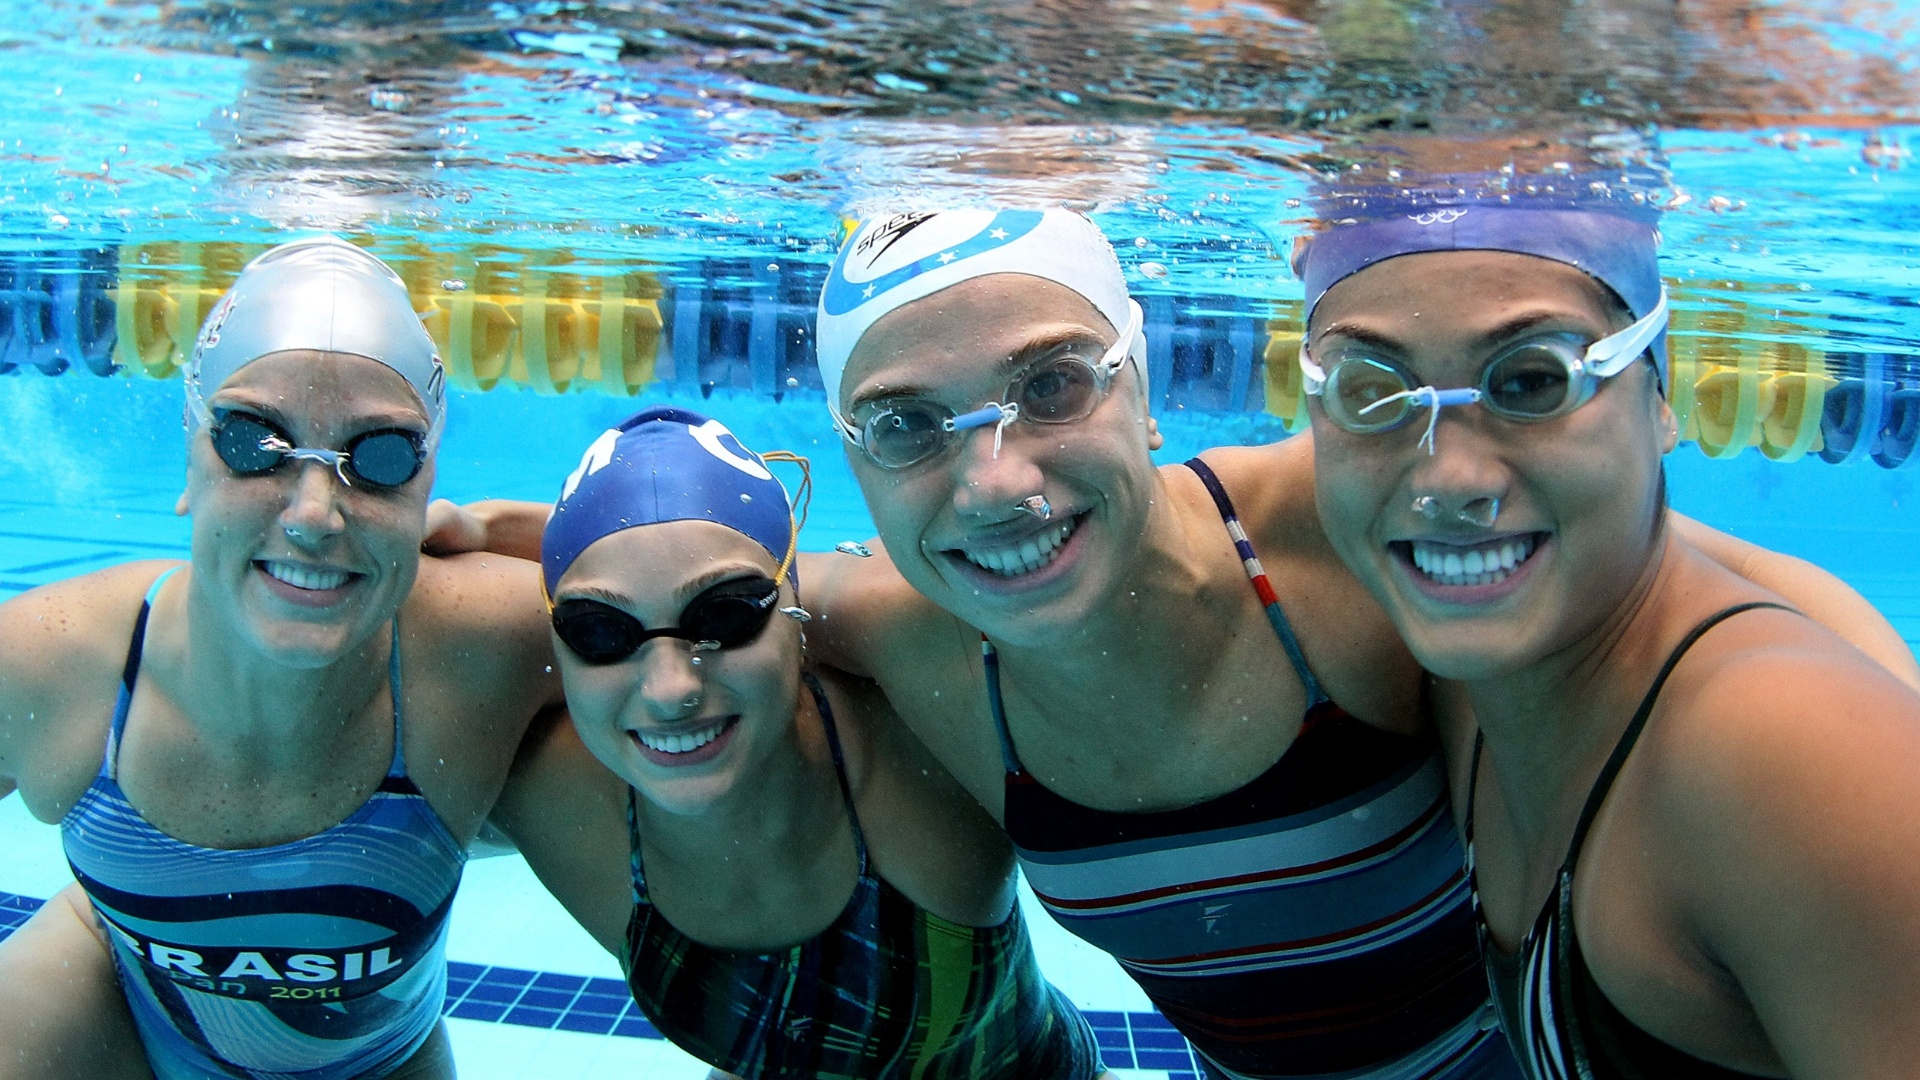 A equipe de natação do Brasil contará com 38 atletas no Pan de Guadalajara, dos quais 20 são mulheres